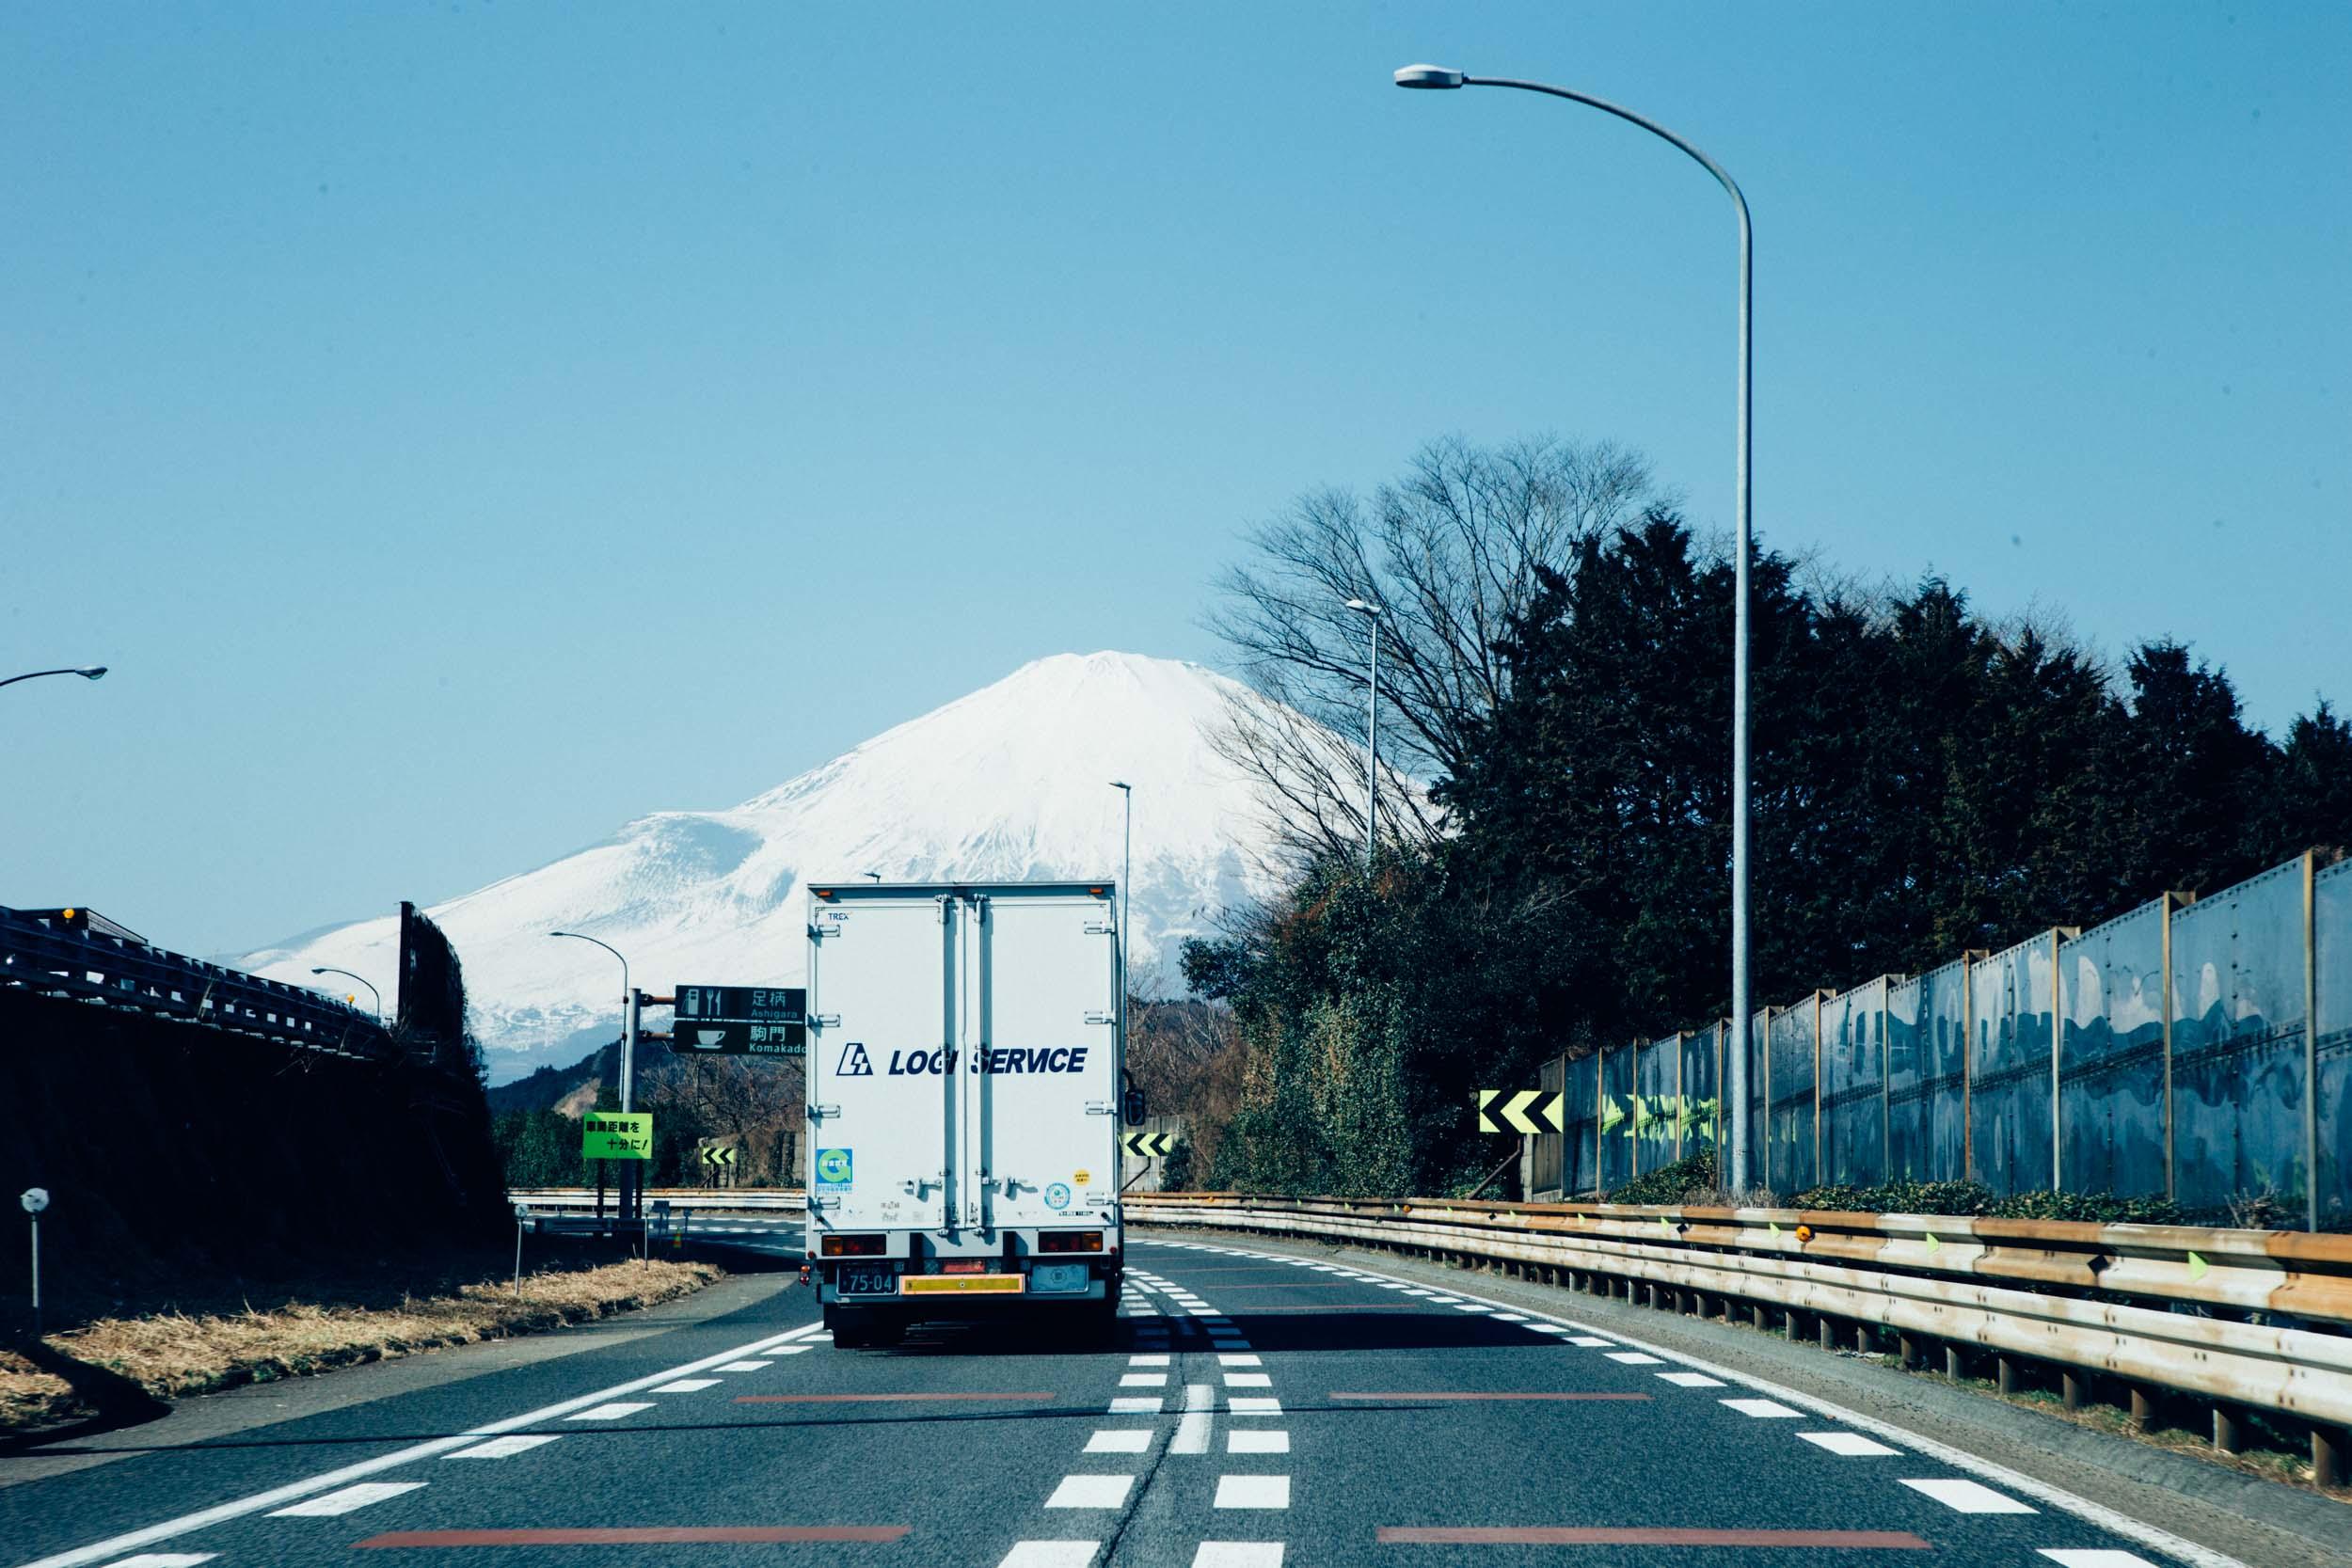 F7Q0598 東名高速おすすめSAを巡るグルメツアー!2人組ラップユニット・chelmicoと富士山を望む絶景ドライブ&ご当地グルメ満喫レポート